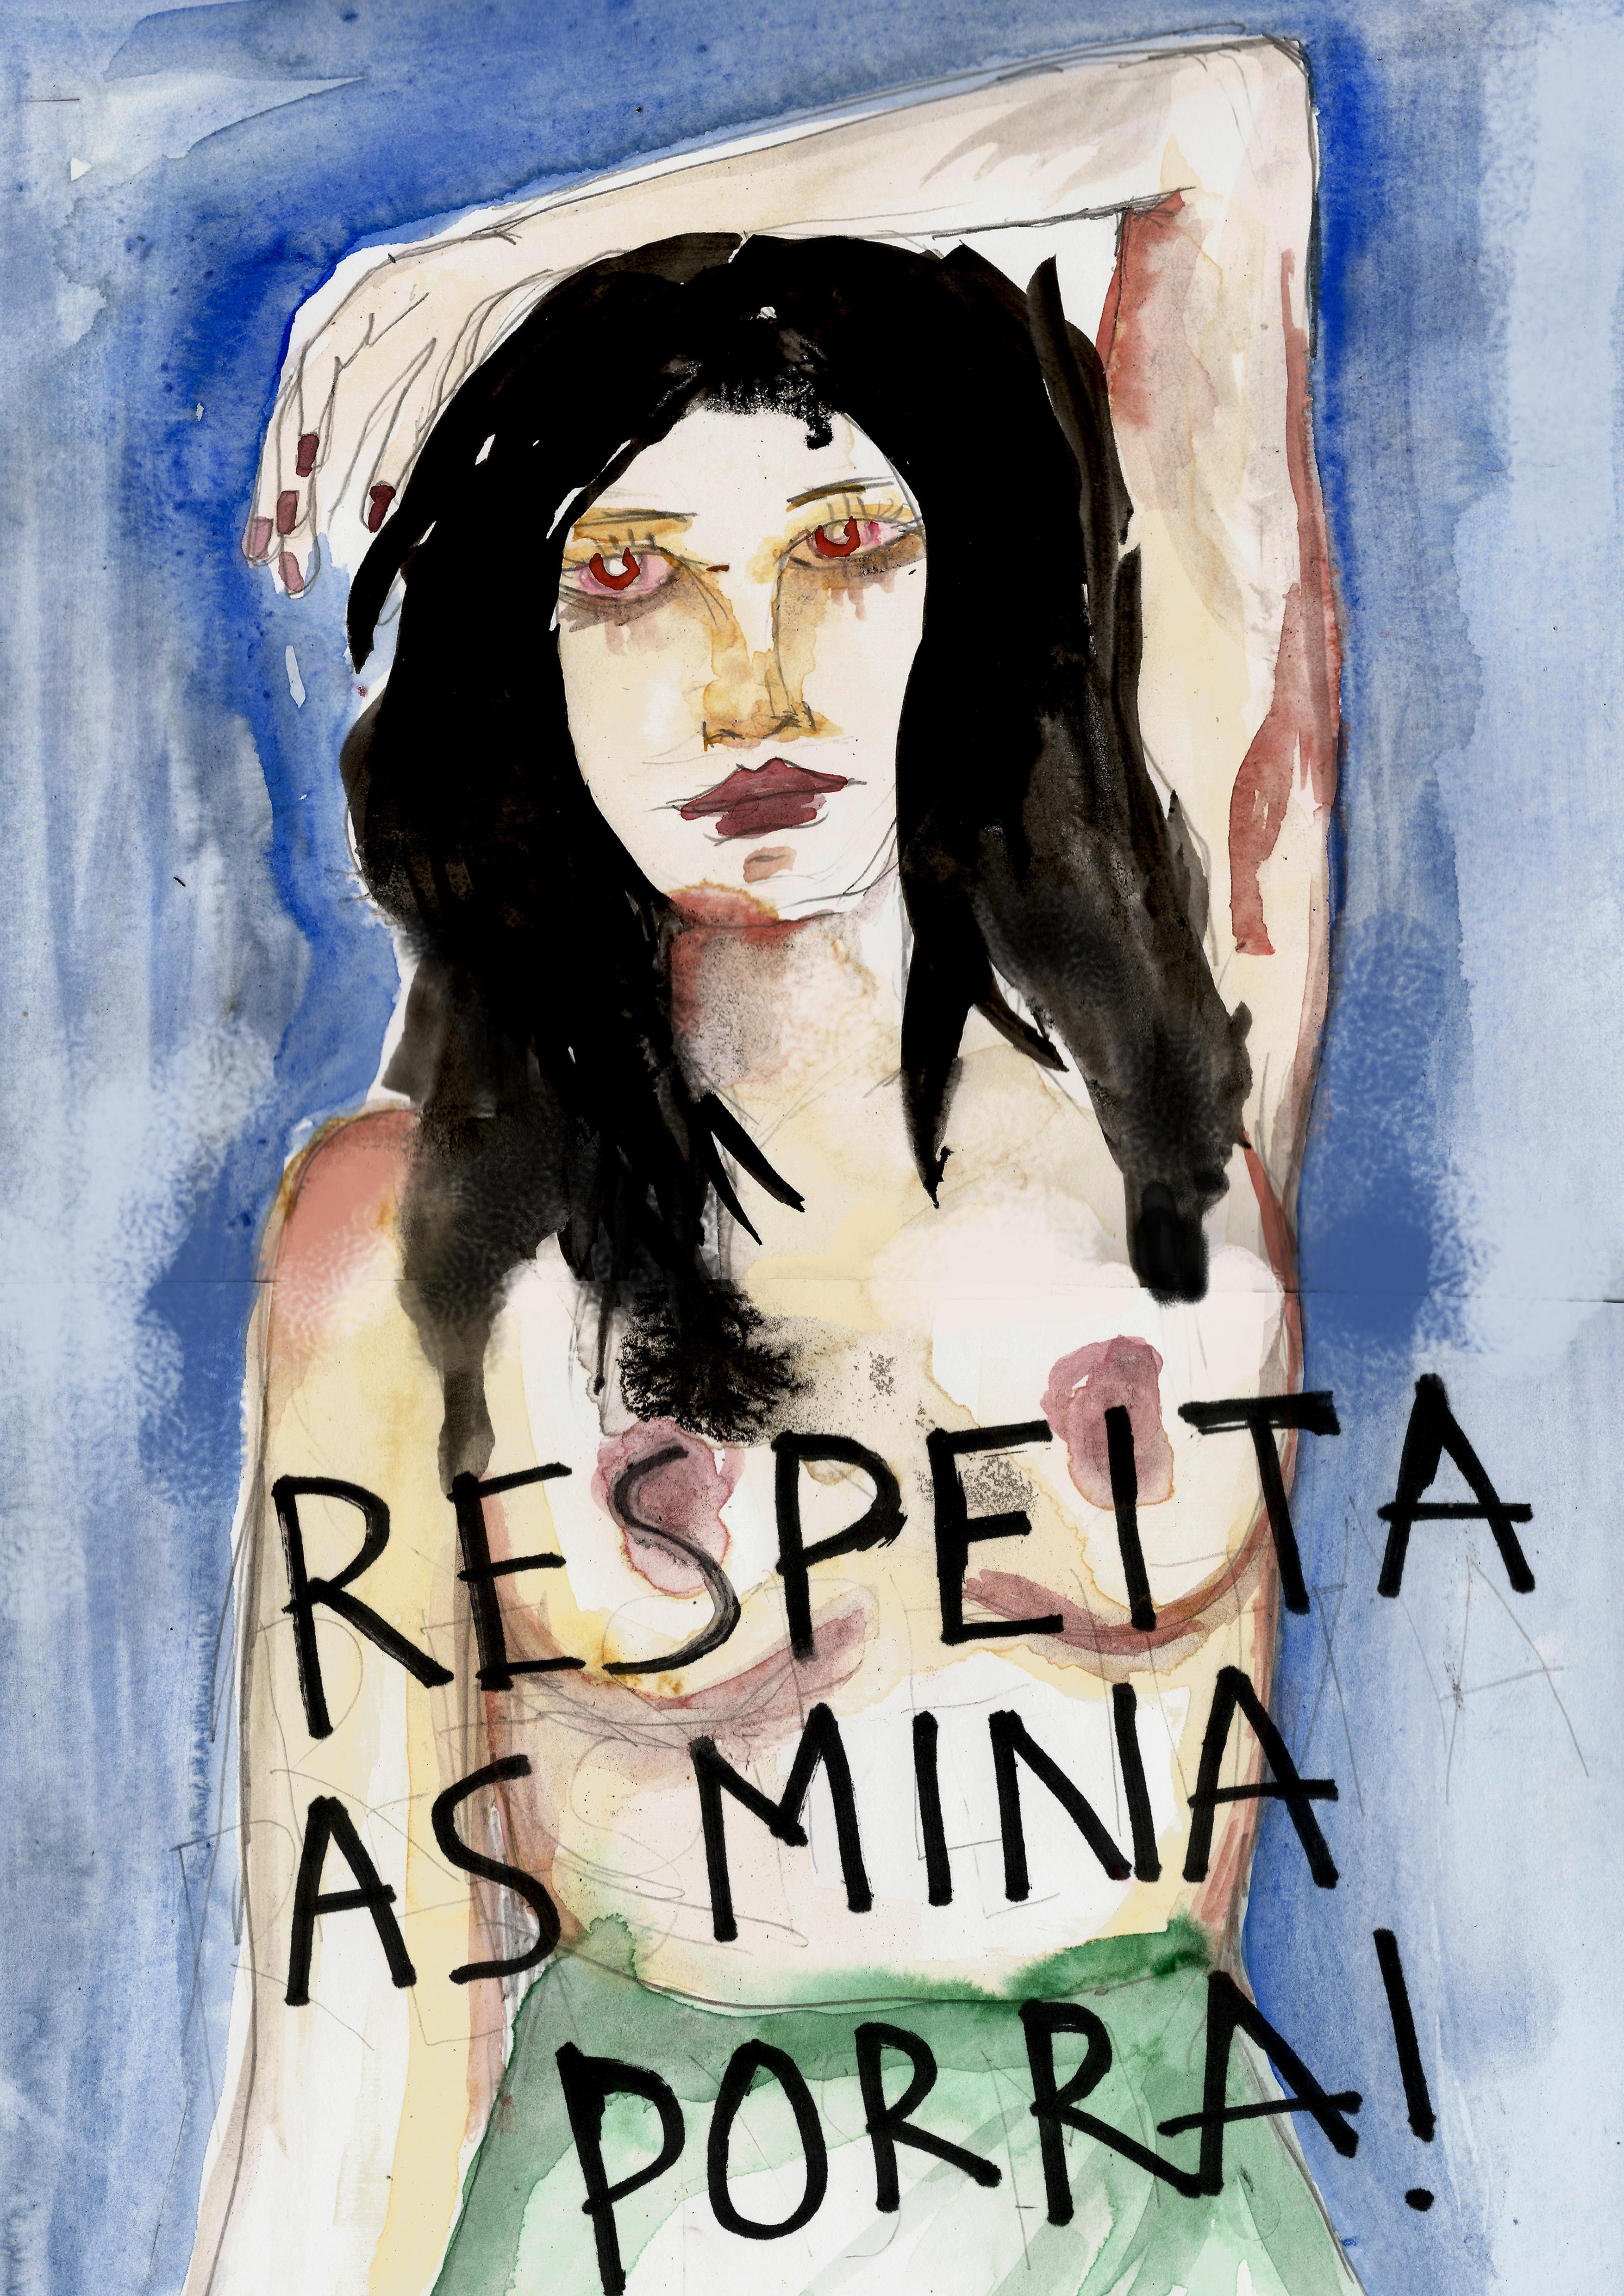 Artista multimídia, Rita Wainer é conhecida por seu trabalho feminino e feminista, geralmente acompanhado por seus textos poéticos